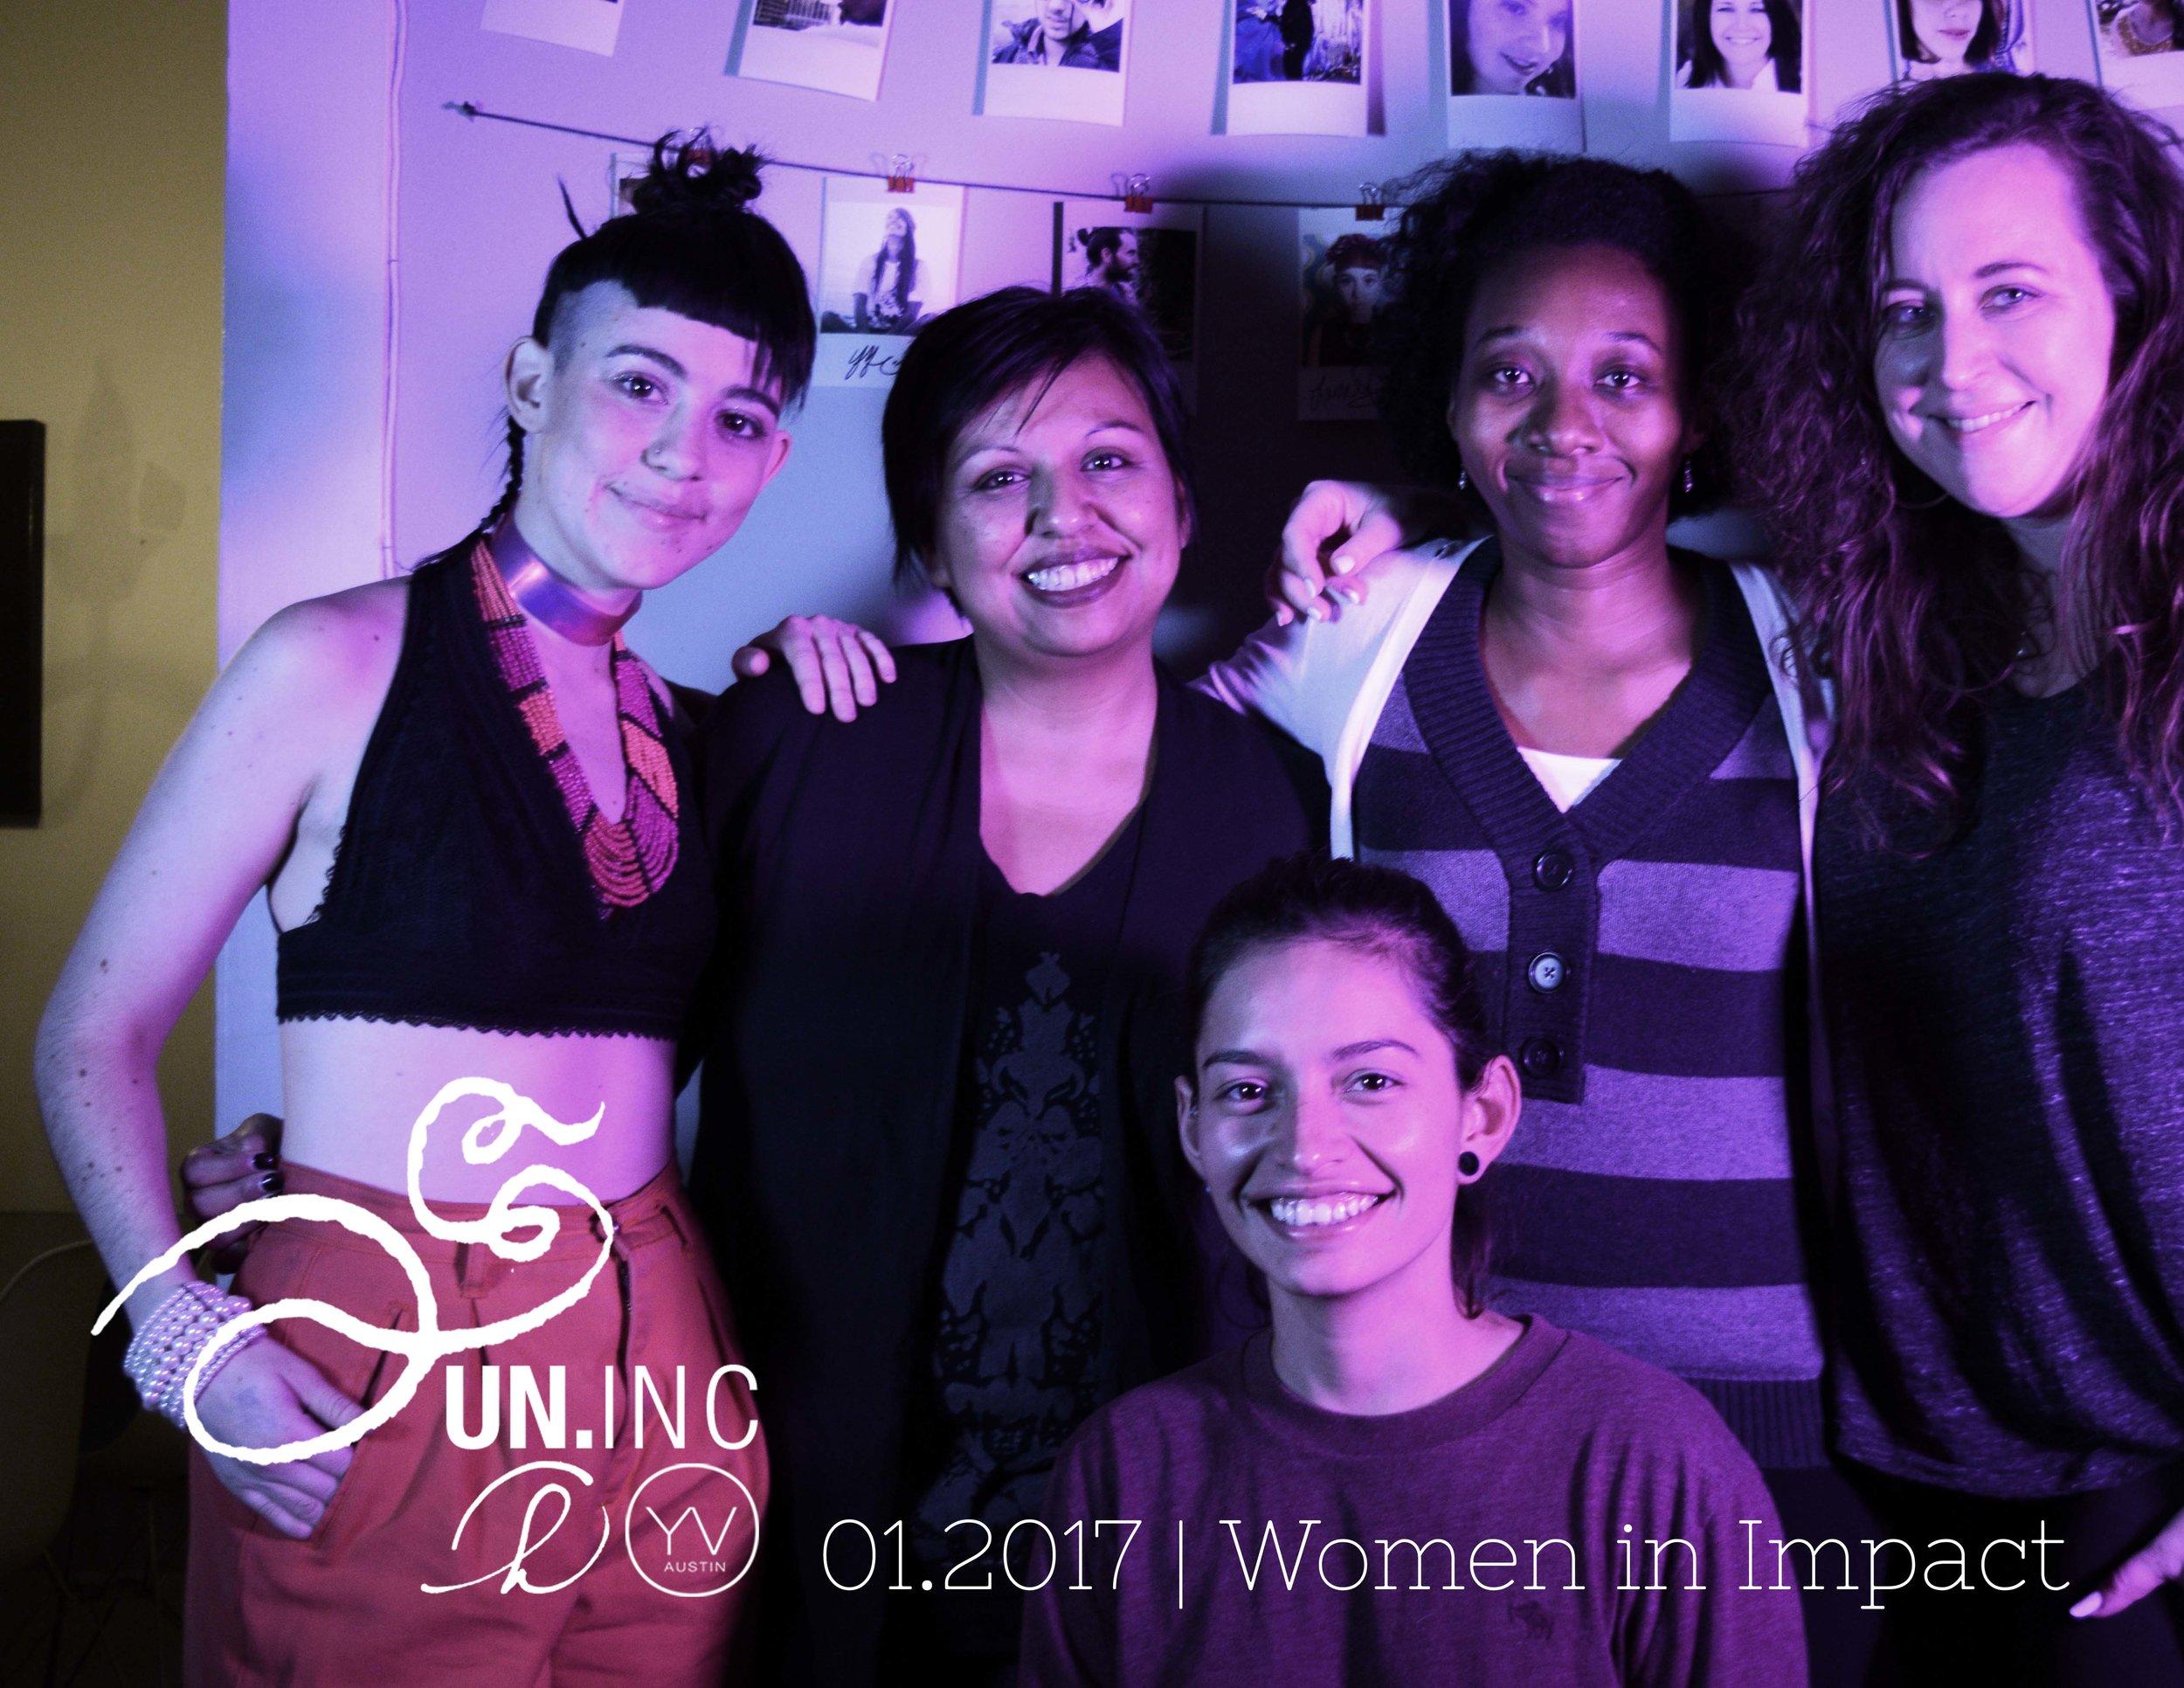 Lauren Bruno, Leti Bueno, Yviee Quintanilla, Tyeschea West, Liz Deering